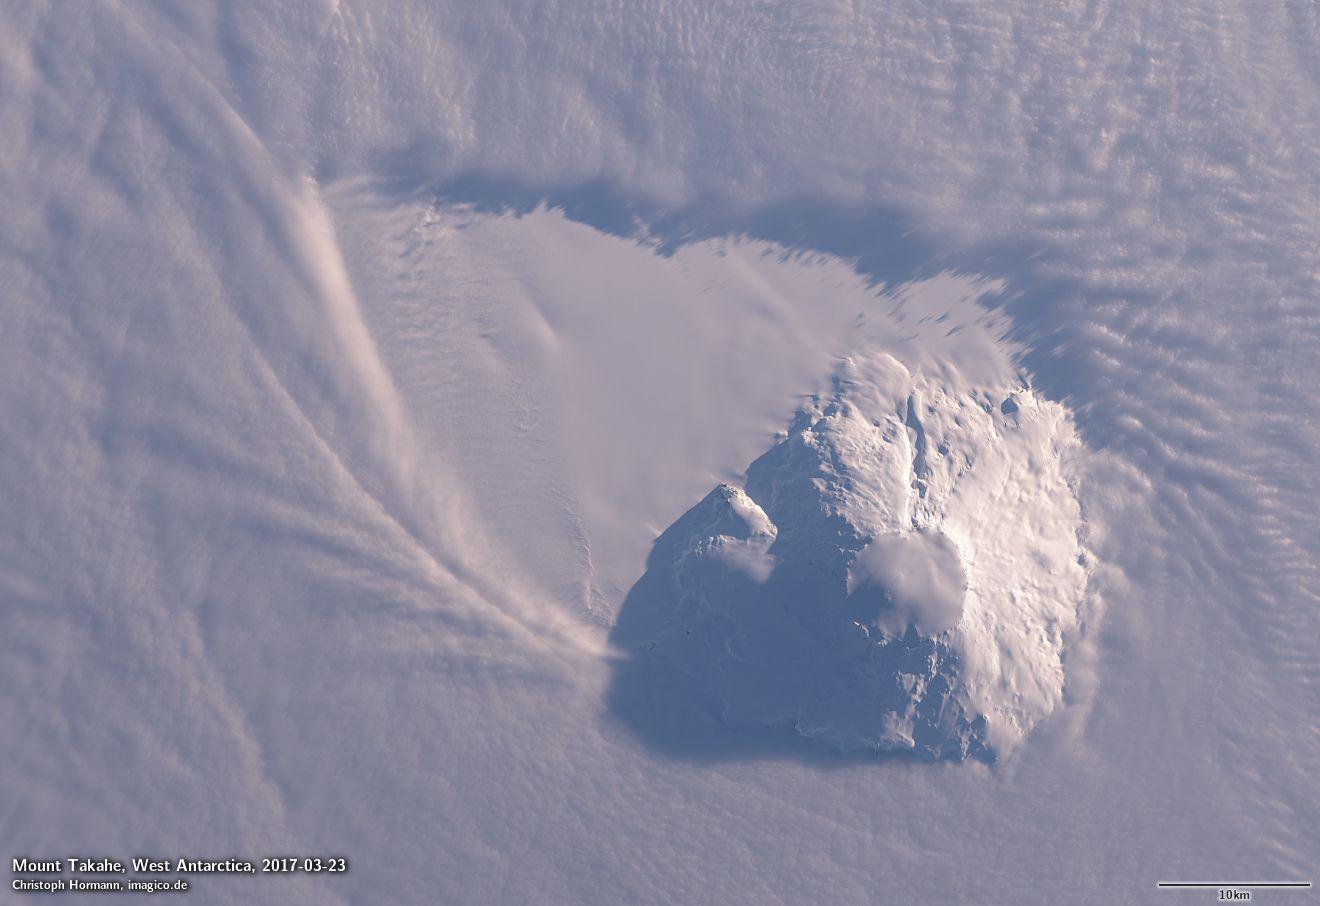 Извержение в Антарктиде 17 тысяч лет назад привело к резкому потеплению в Южном полушарии